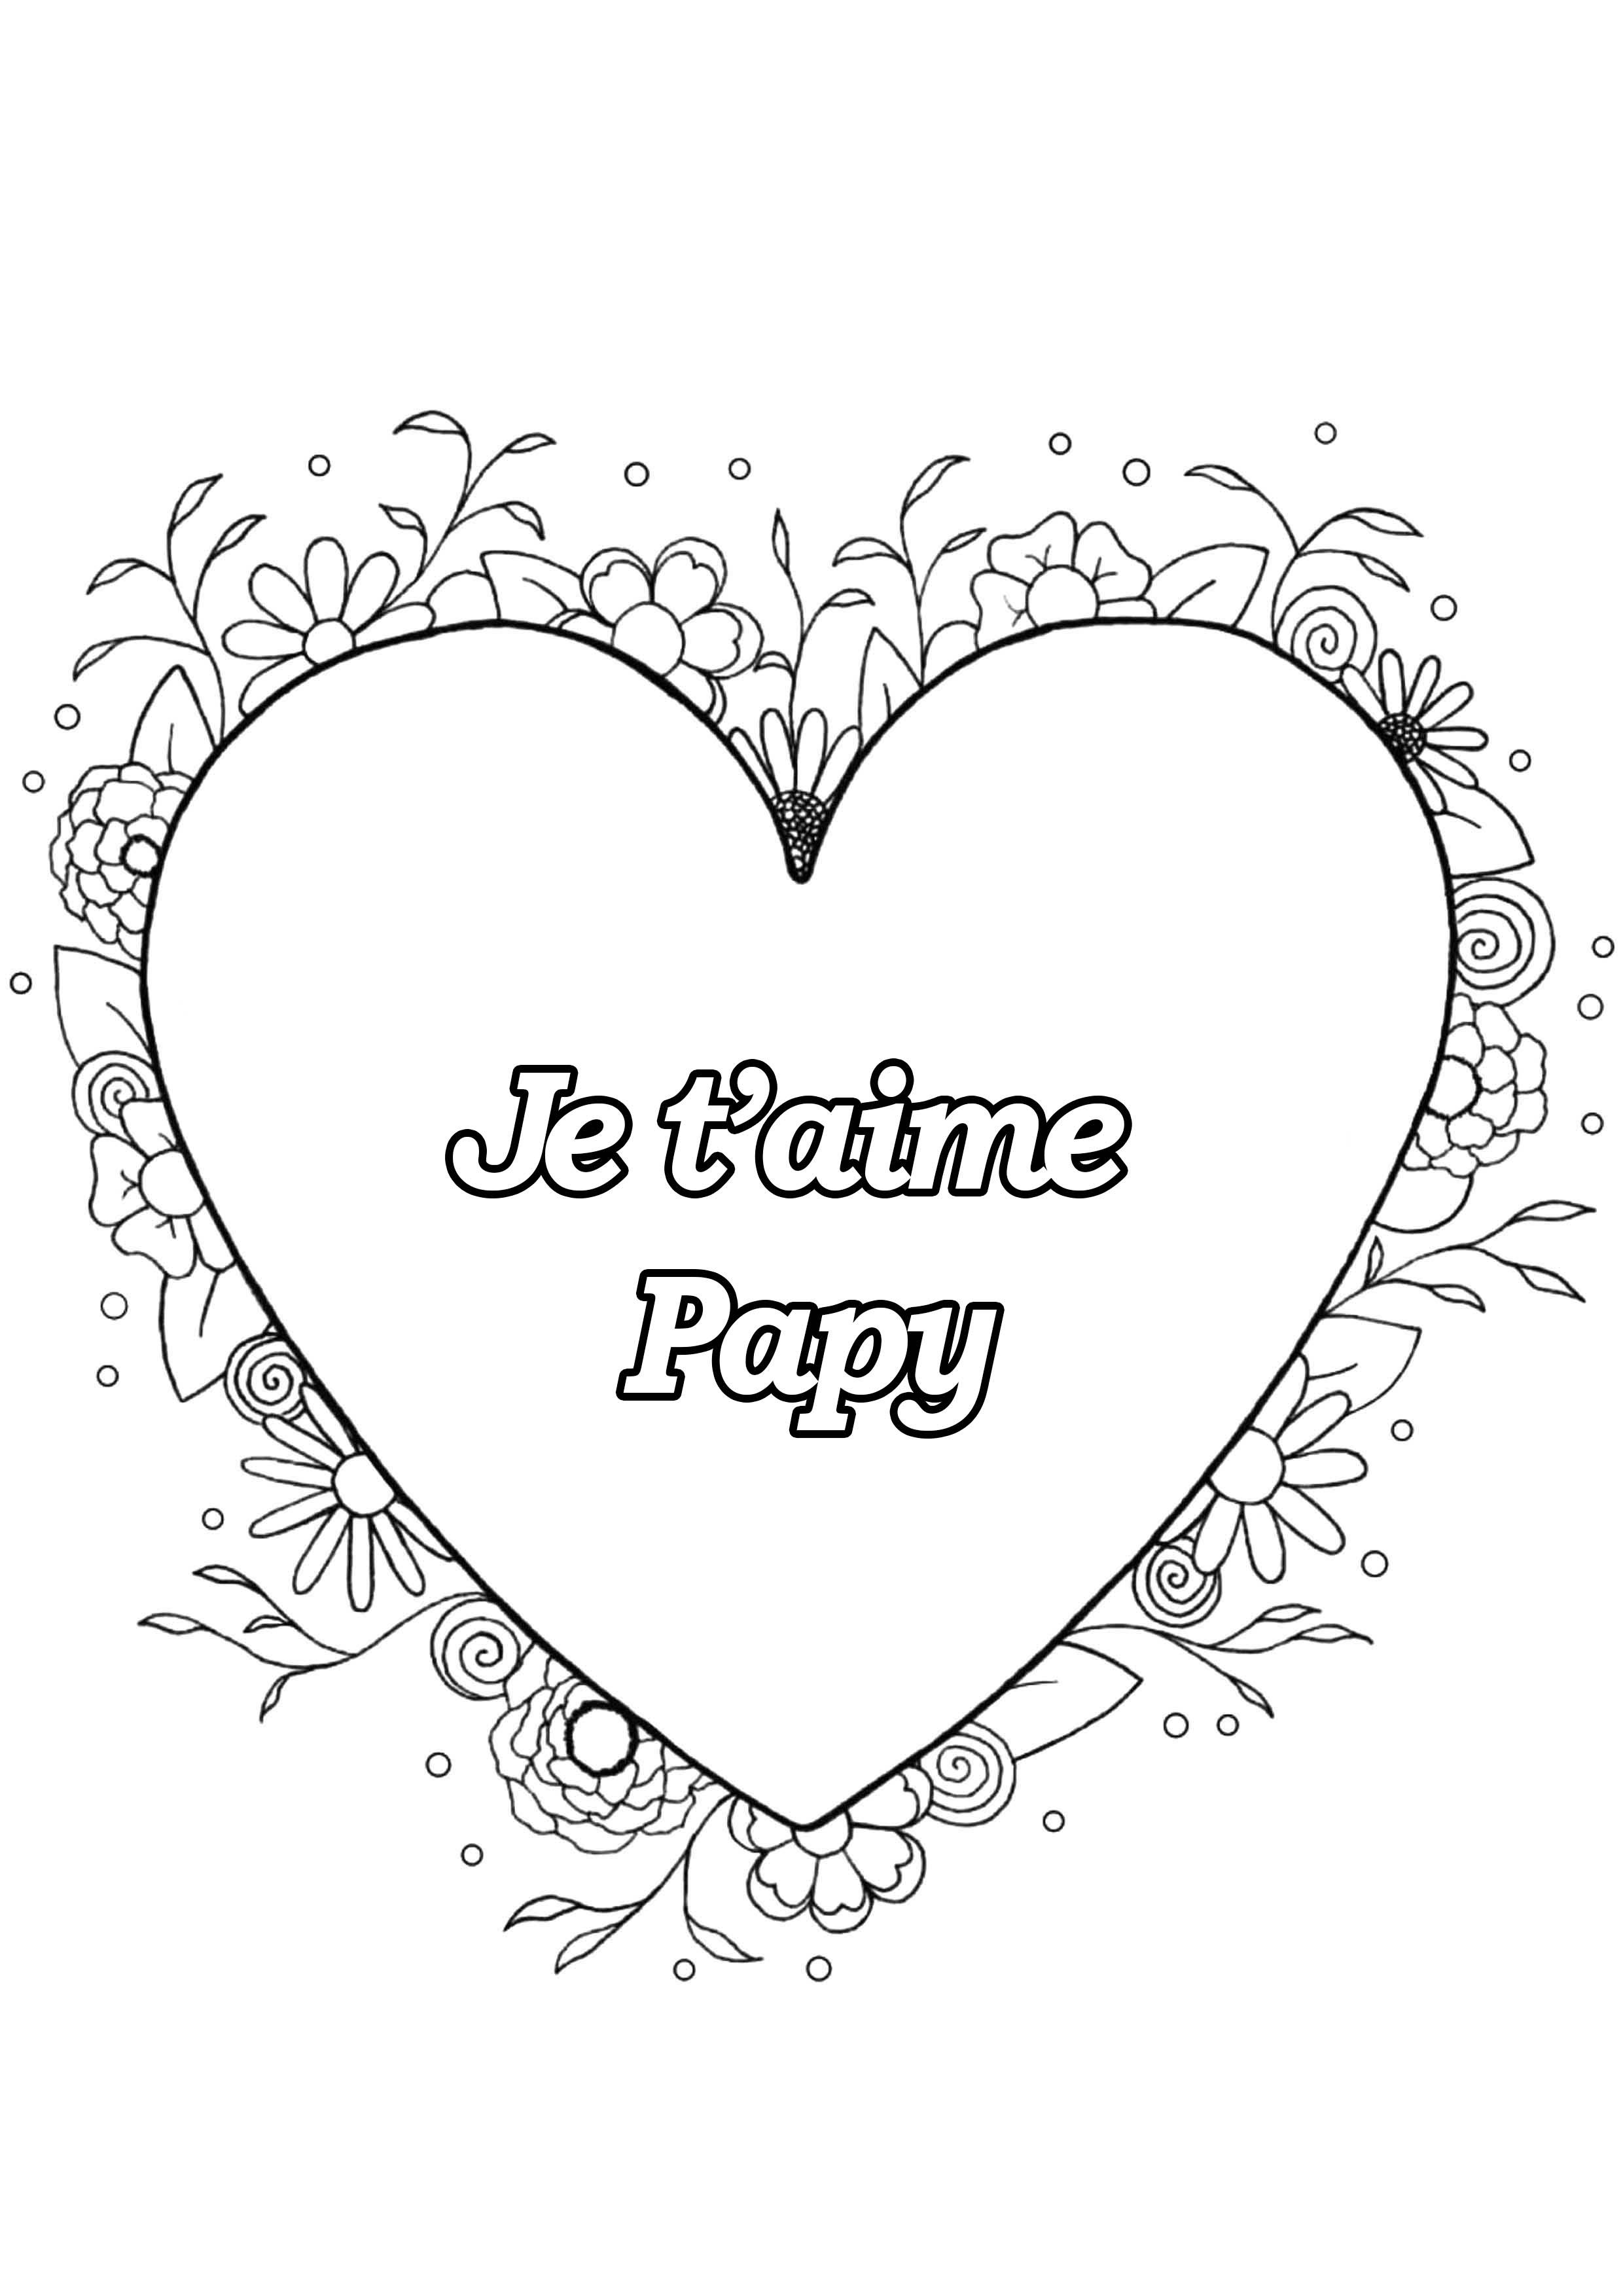 Coloriage spécial Fête des pères : Coeur & fleurs - Je t'aime Papy